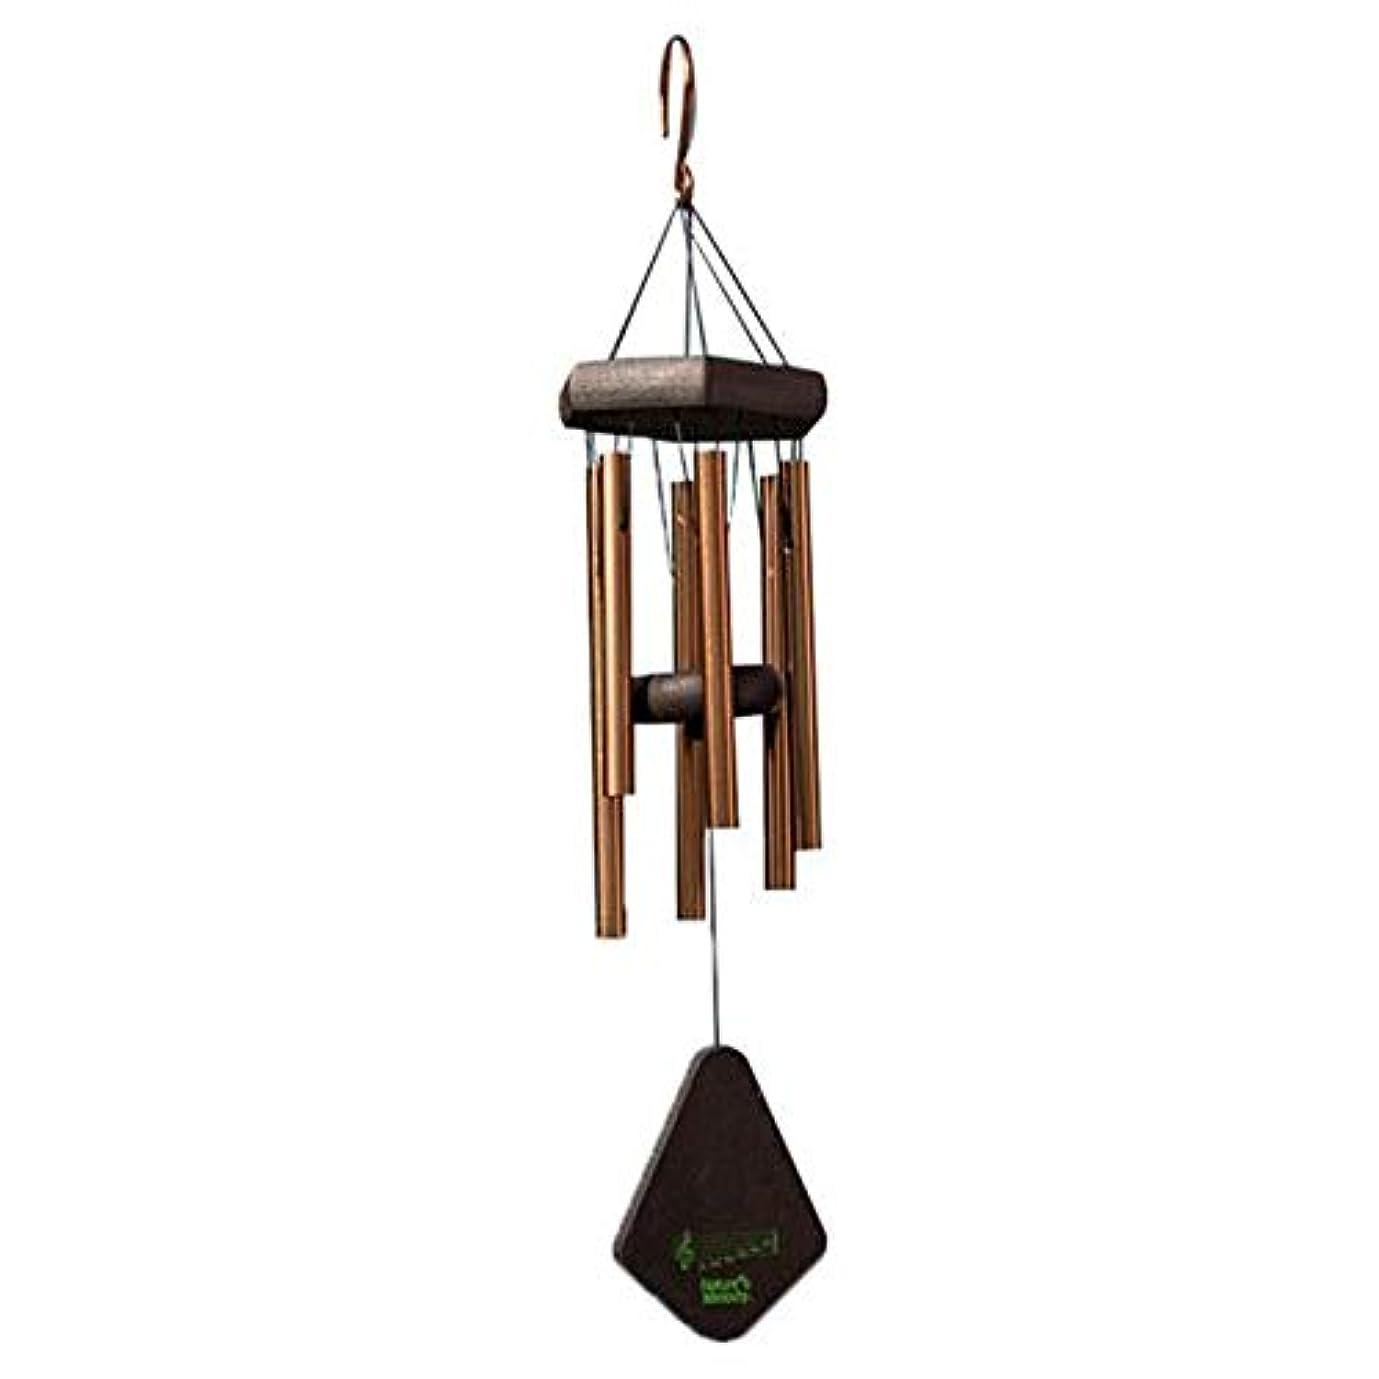 軽減する鷹略すYougou01 風チャイム、メタル6チューブ風の鐘、ブラック、全身について52CM 、創造的な装飾 (Color : Gold)